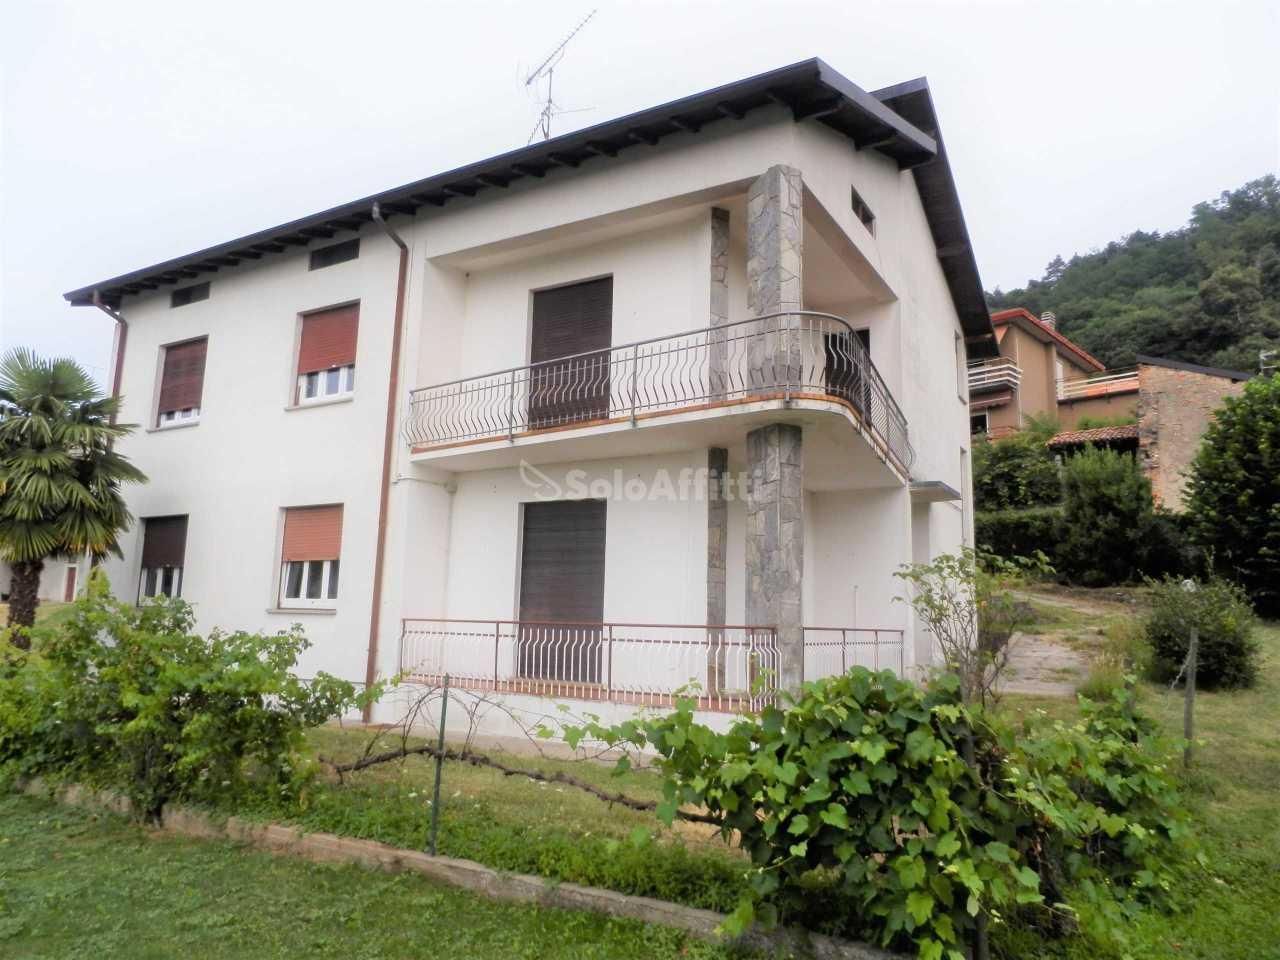 Appartamento in affitto a Bizzarone, 4 locali, prezzo € 750 | PortaleAgenzieImmobiliari.it